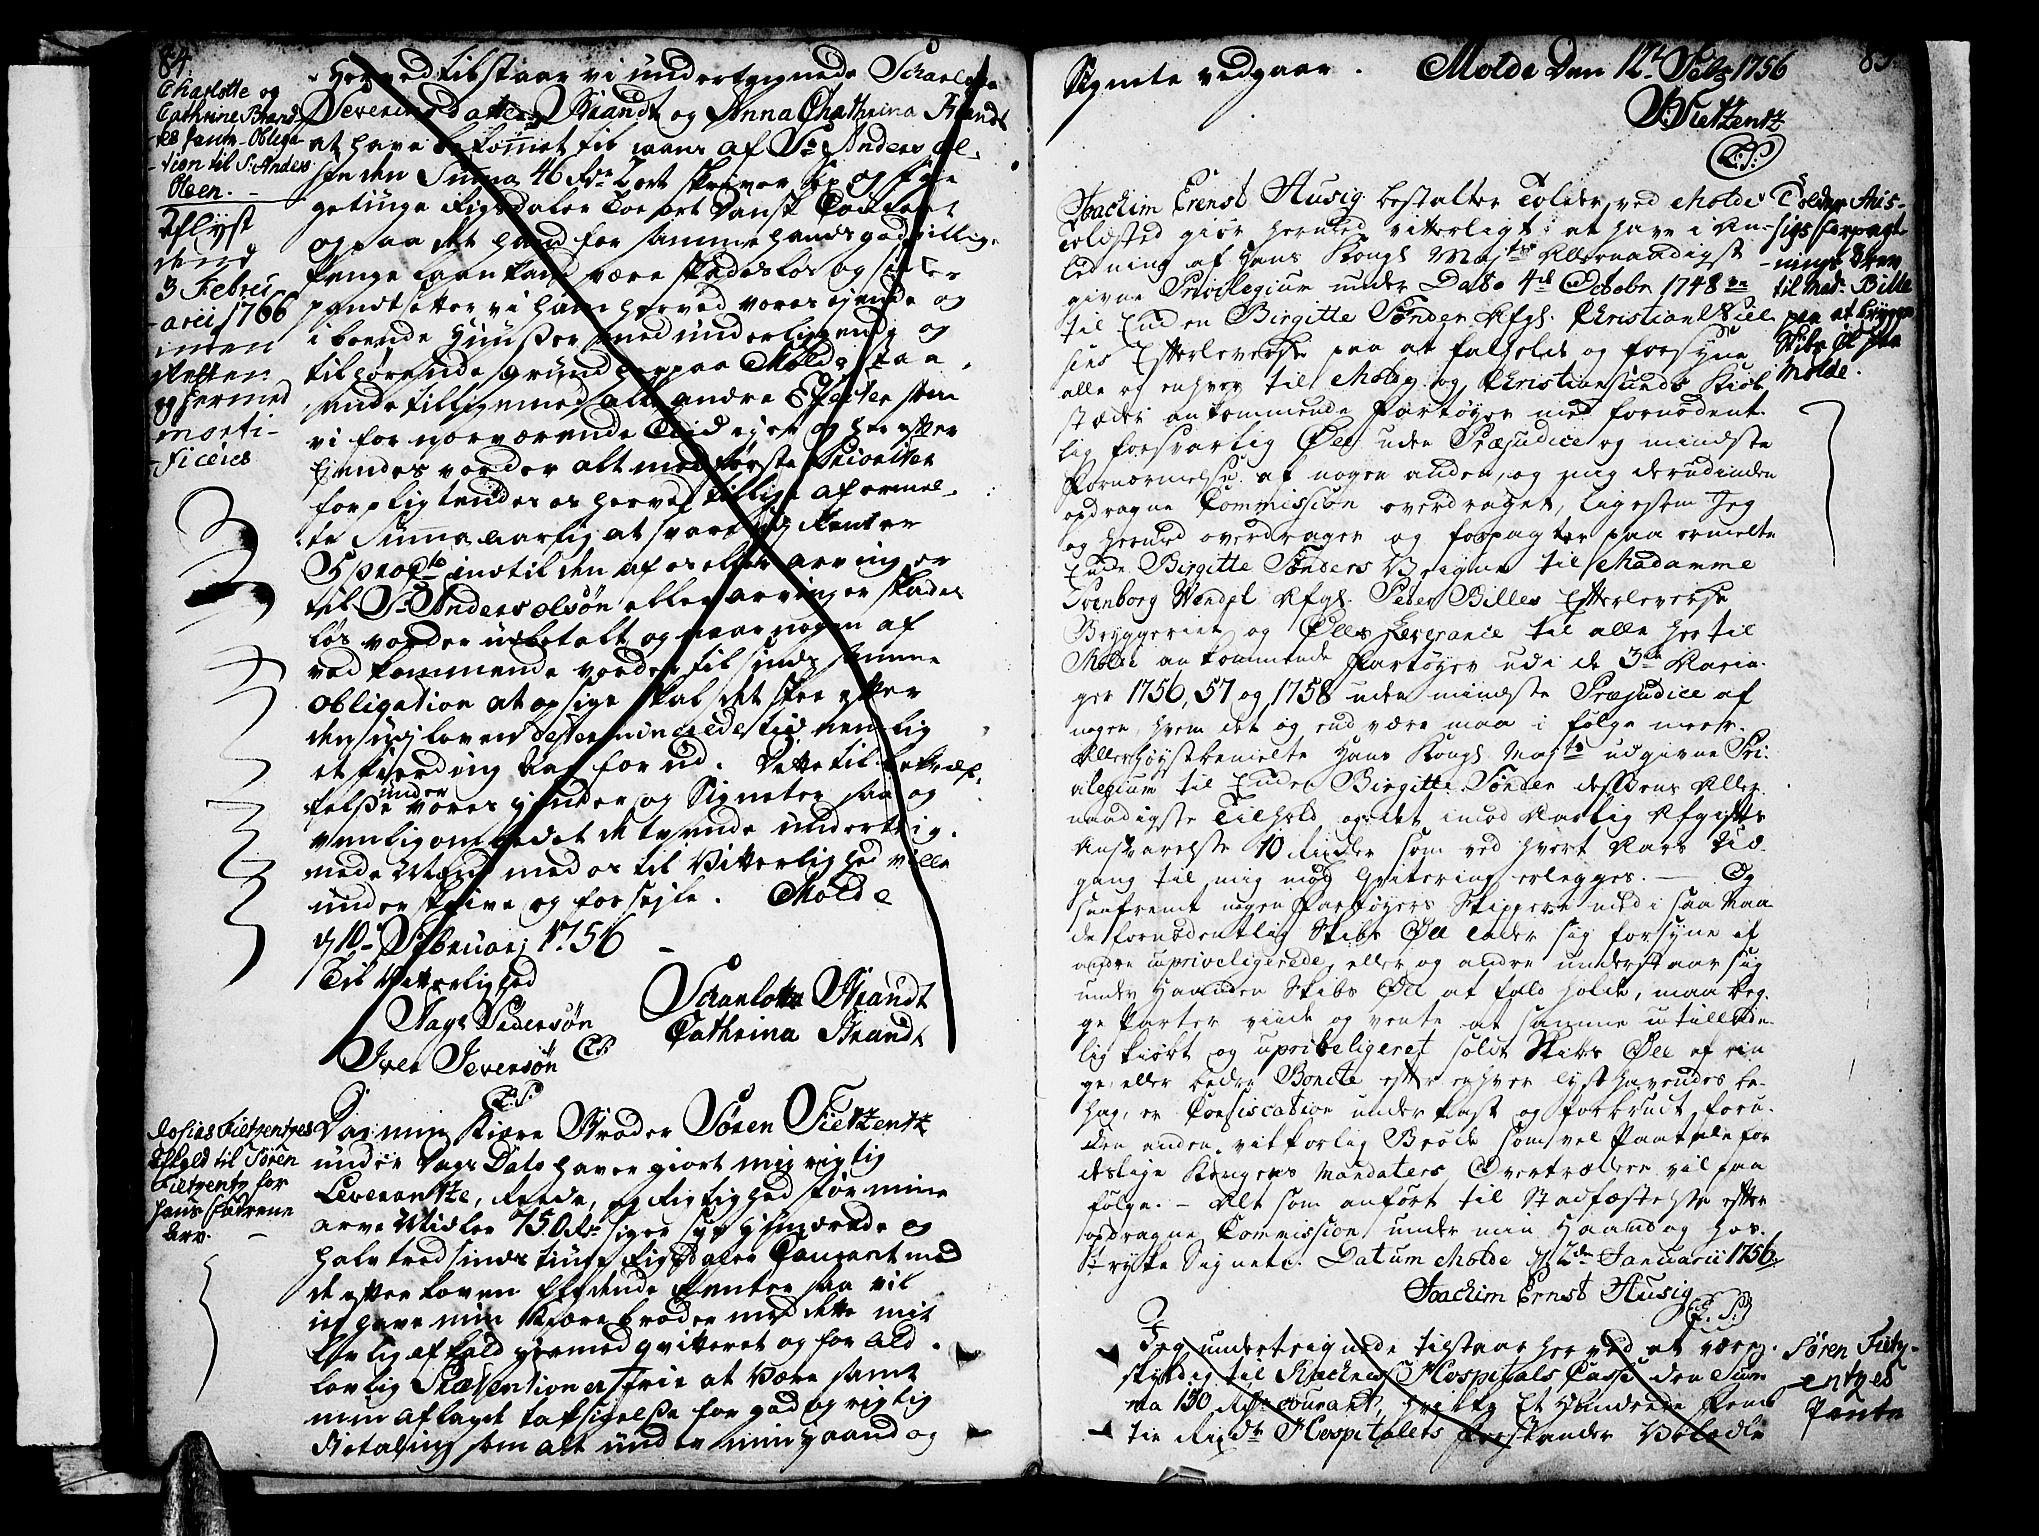 SAT, Molde byfogd, 2/2C/L0001: Mortgage book no. 1, 1748-1823, p. 84-85